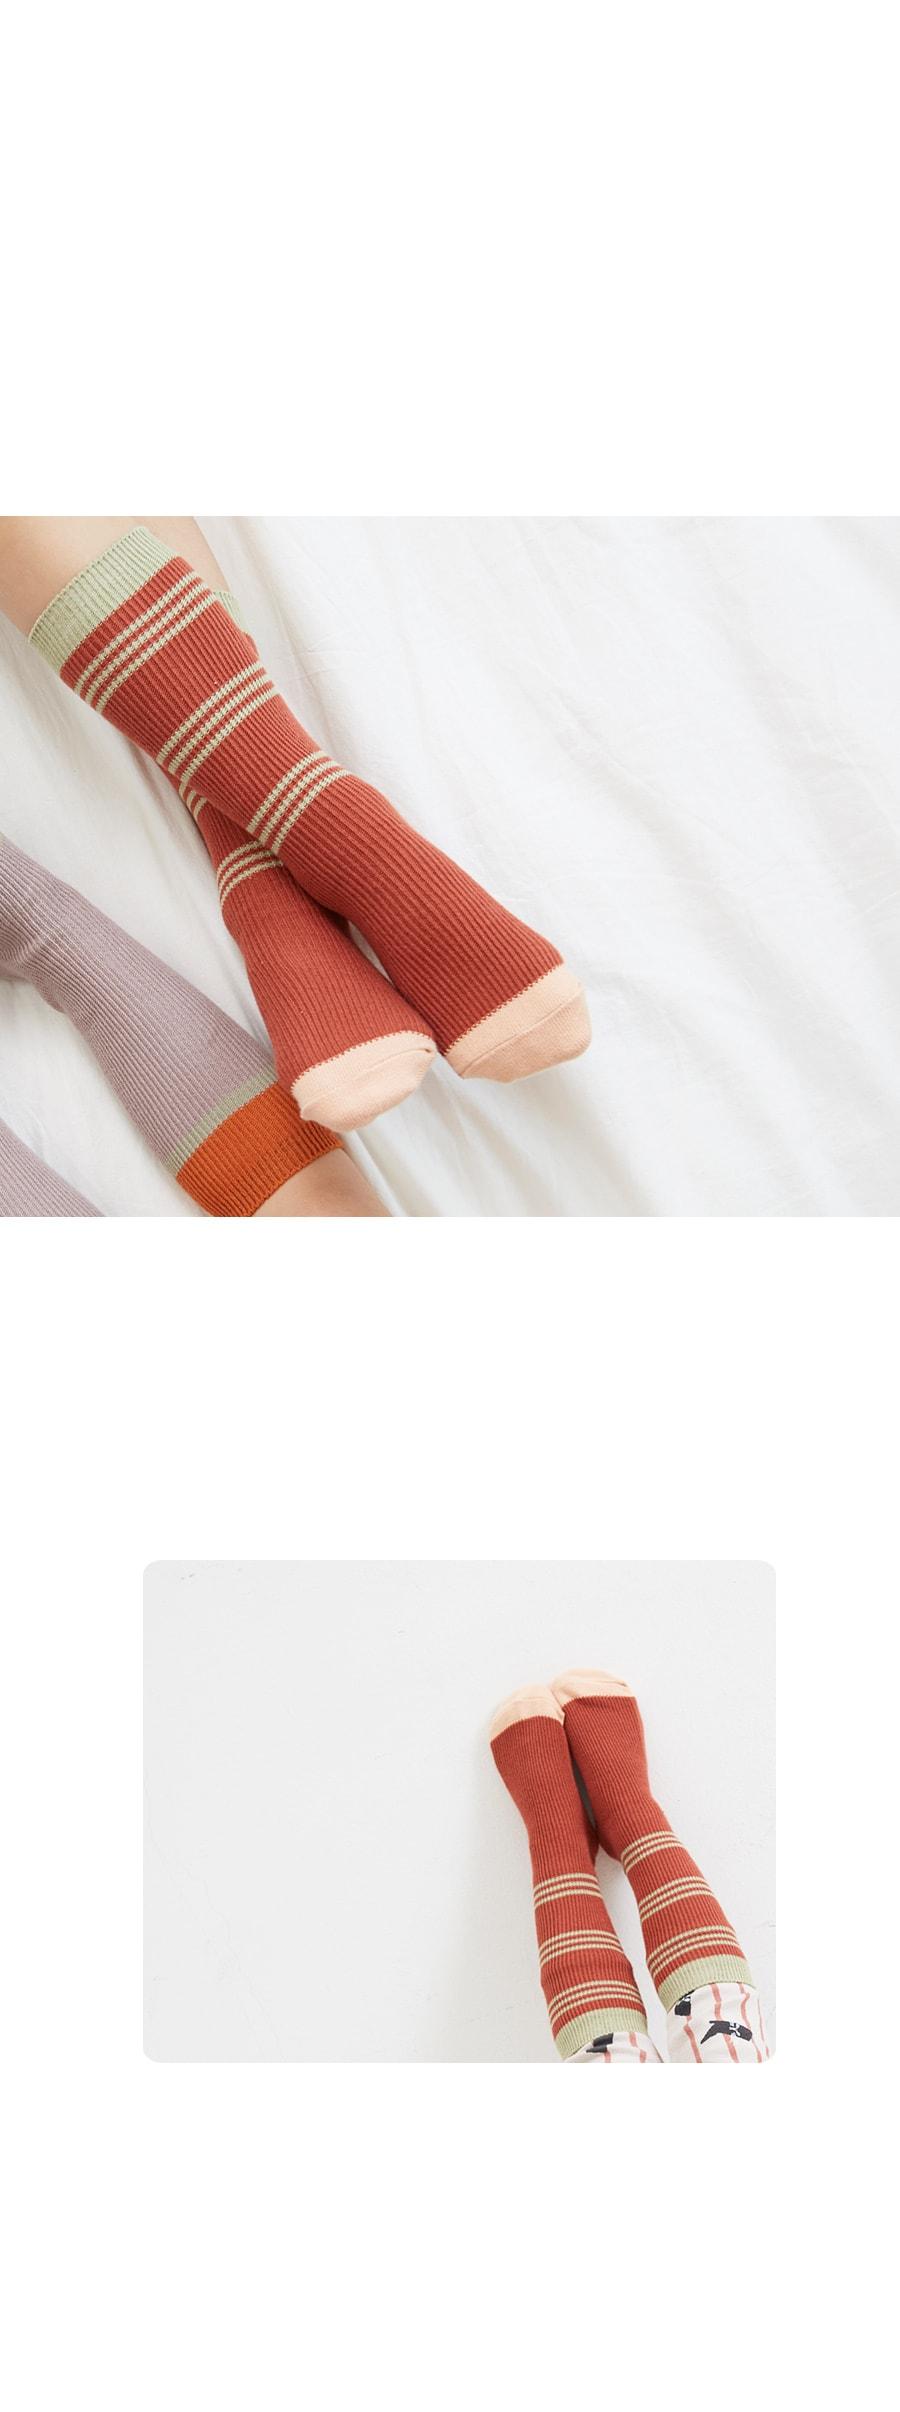 KOKACHARM - Korean Children Fashion - #Kfashion4kids - Red Panda Socks - 2